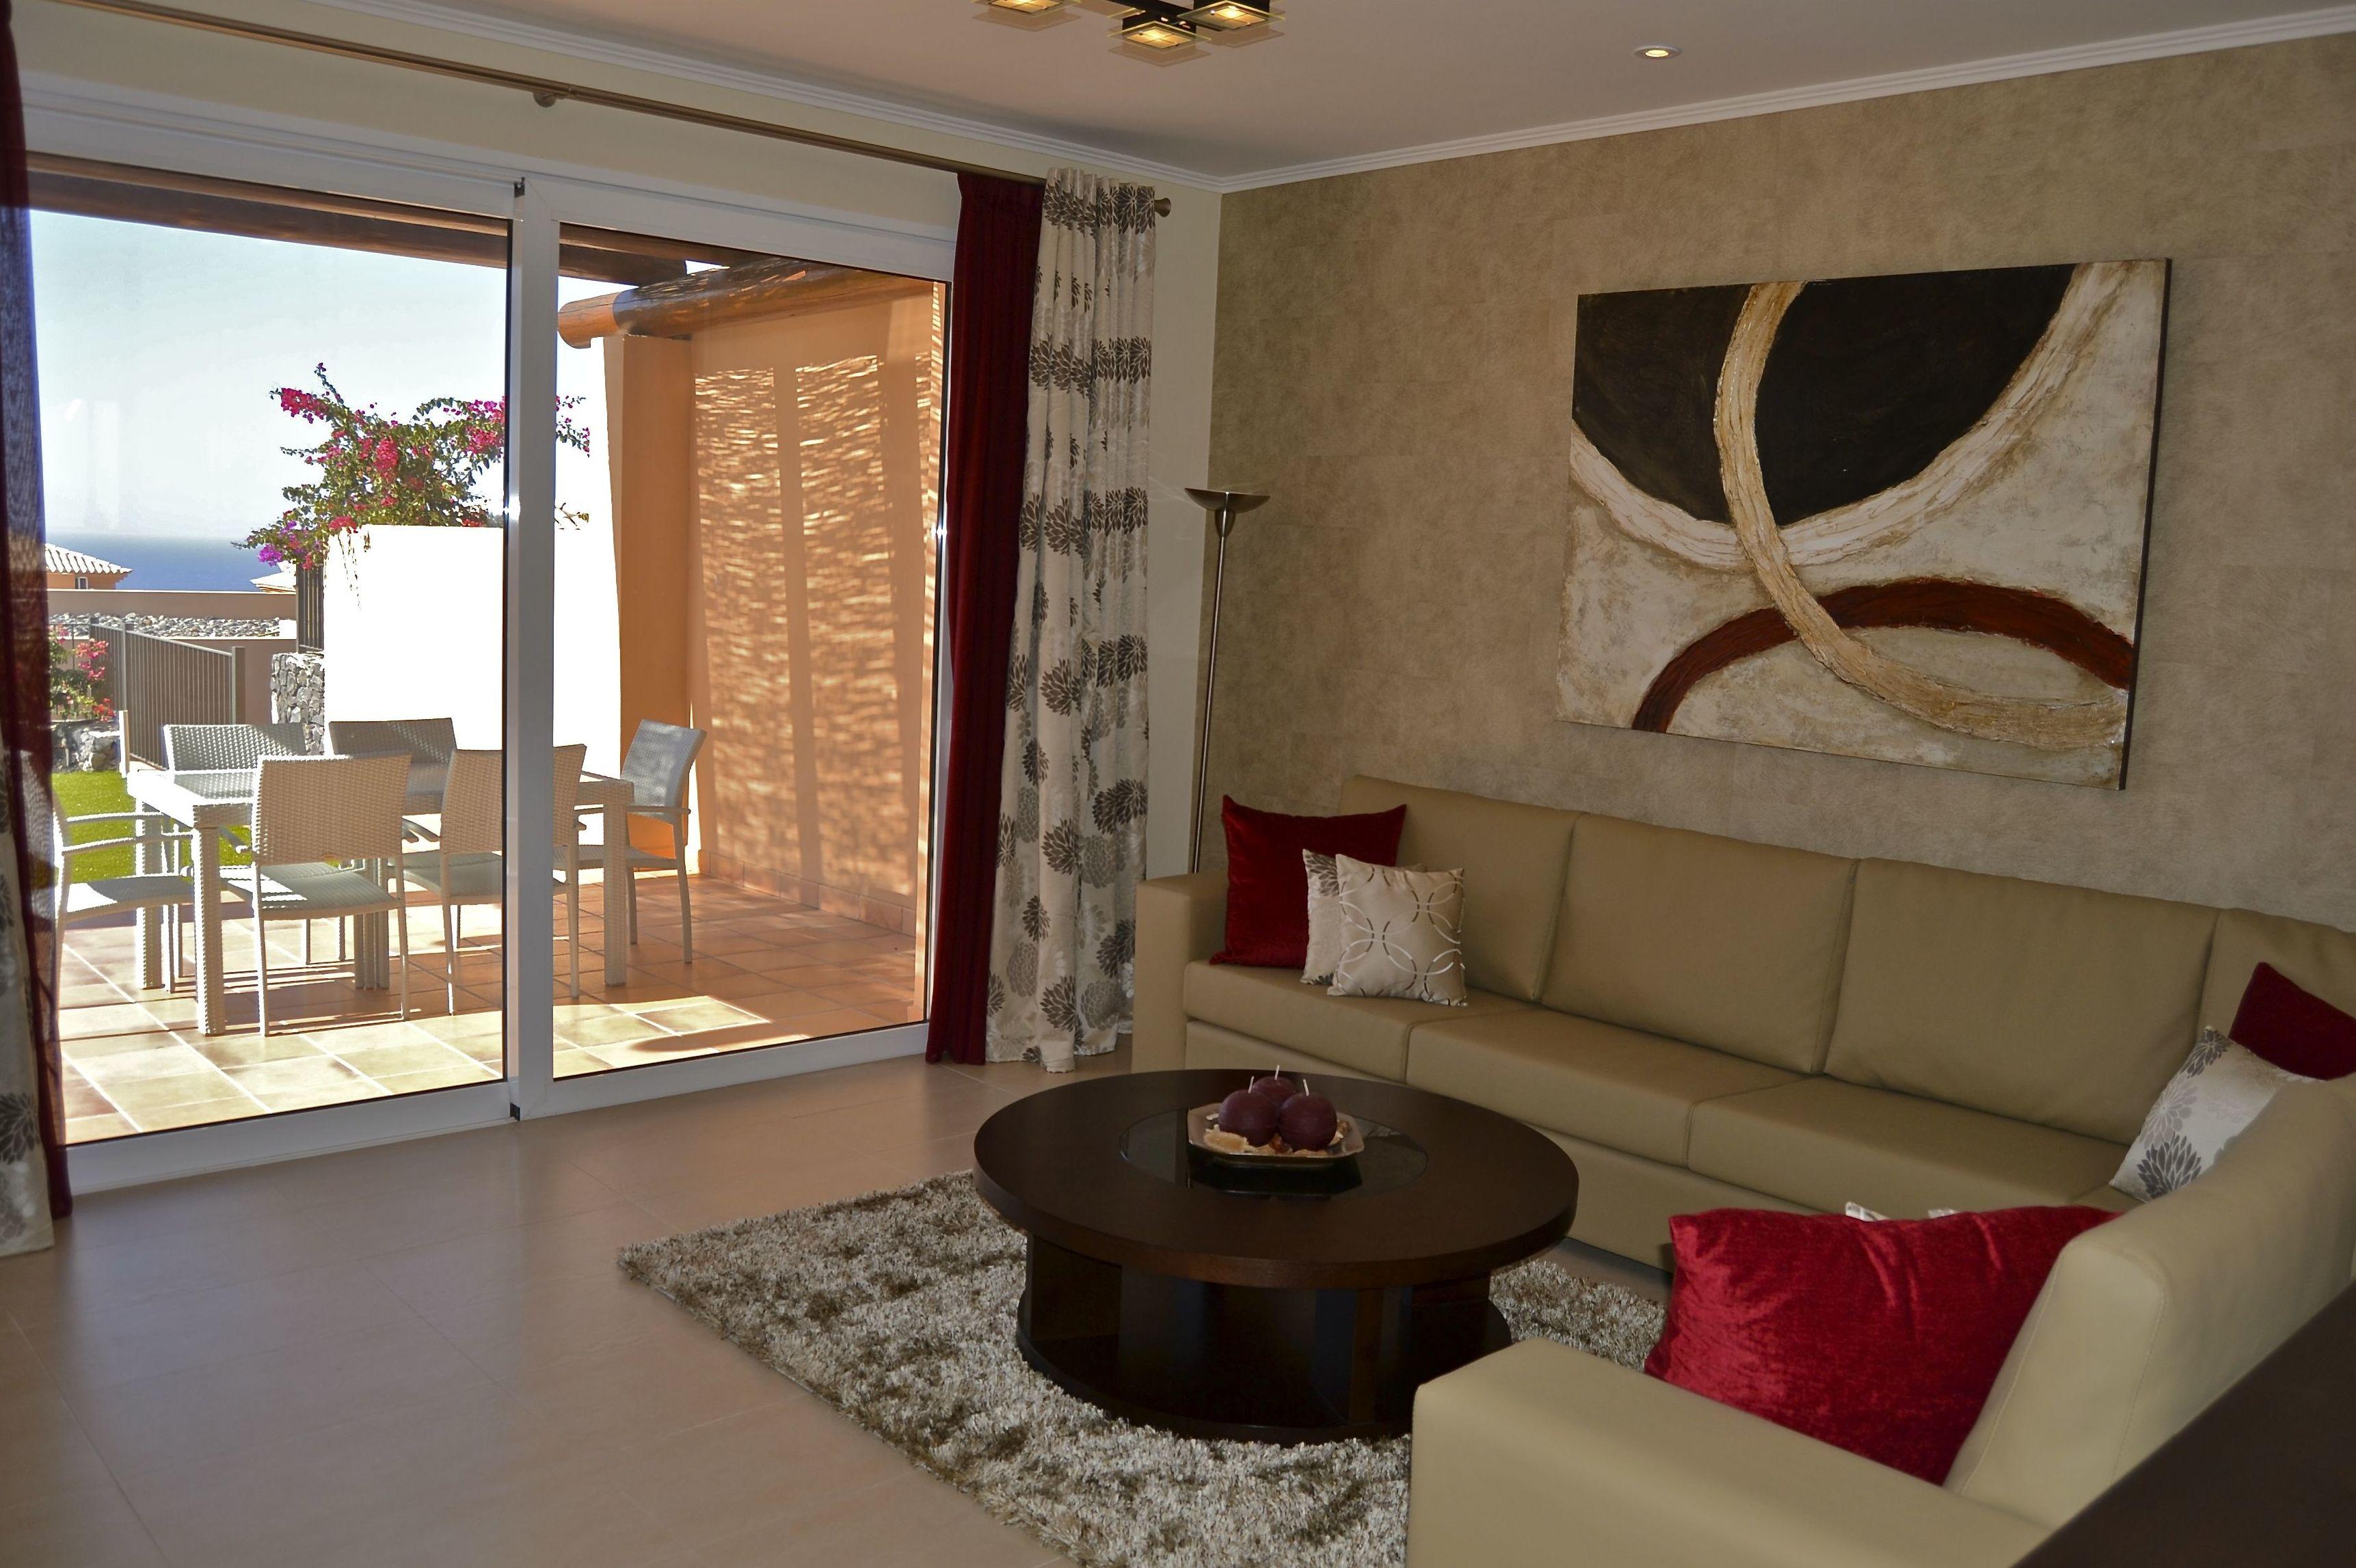 Foto 5 de Inmobiliaria en Adeje | Tierra Del Fuego Developments S.L.